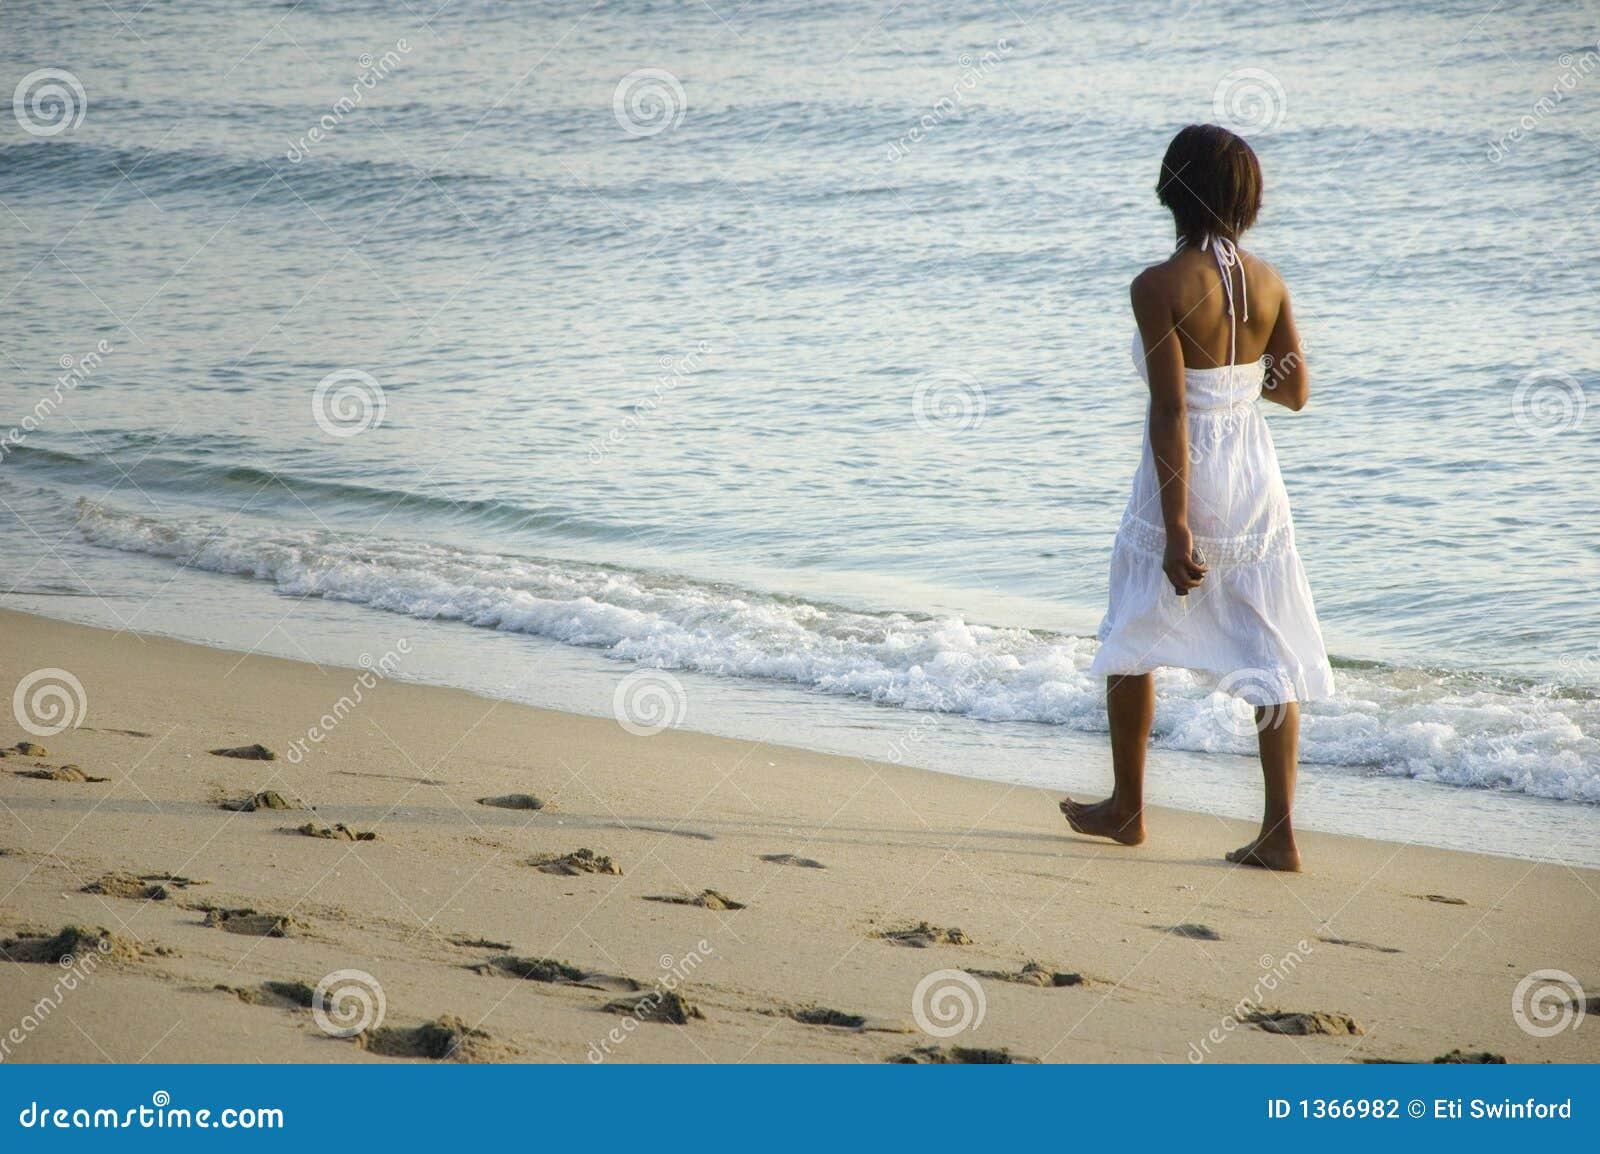 Donna sulla spiaggia.